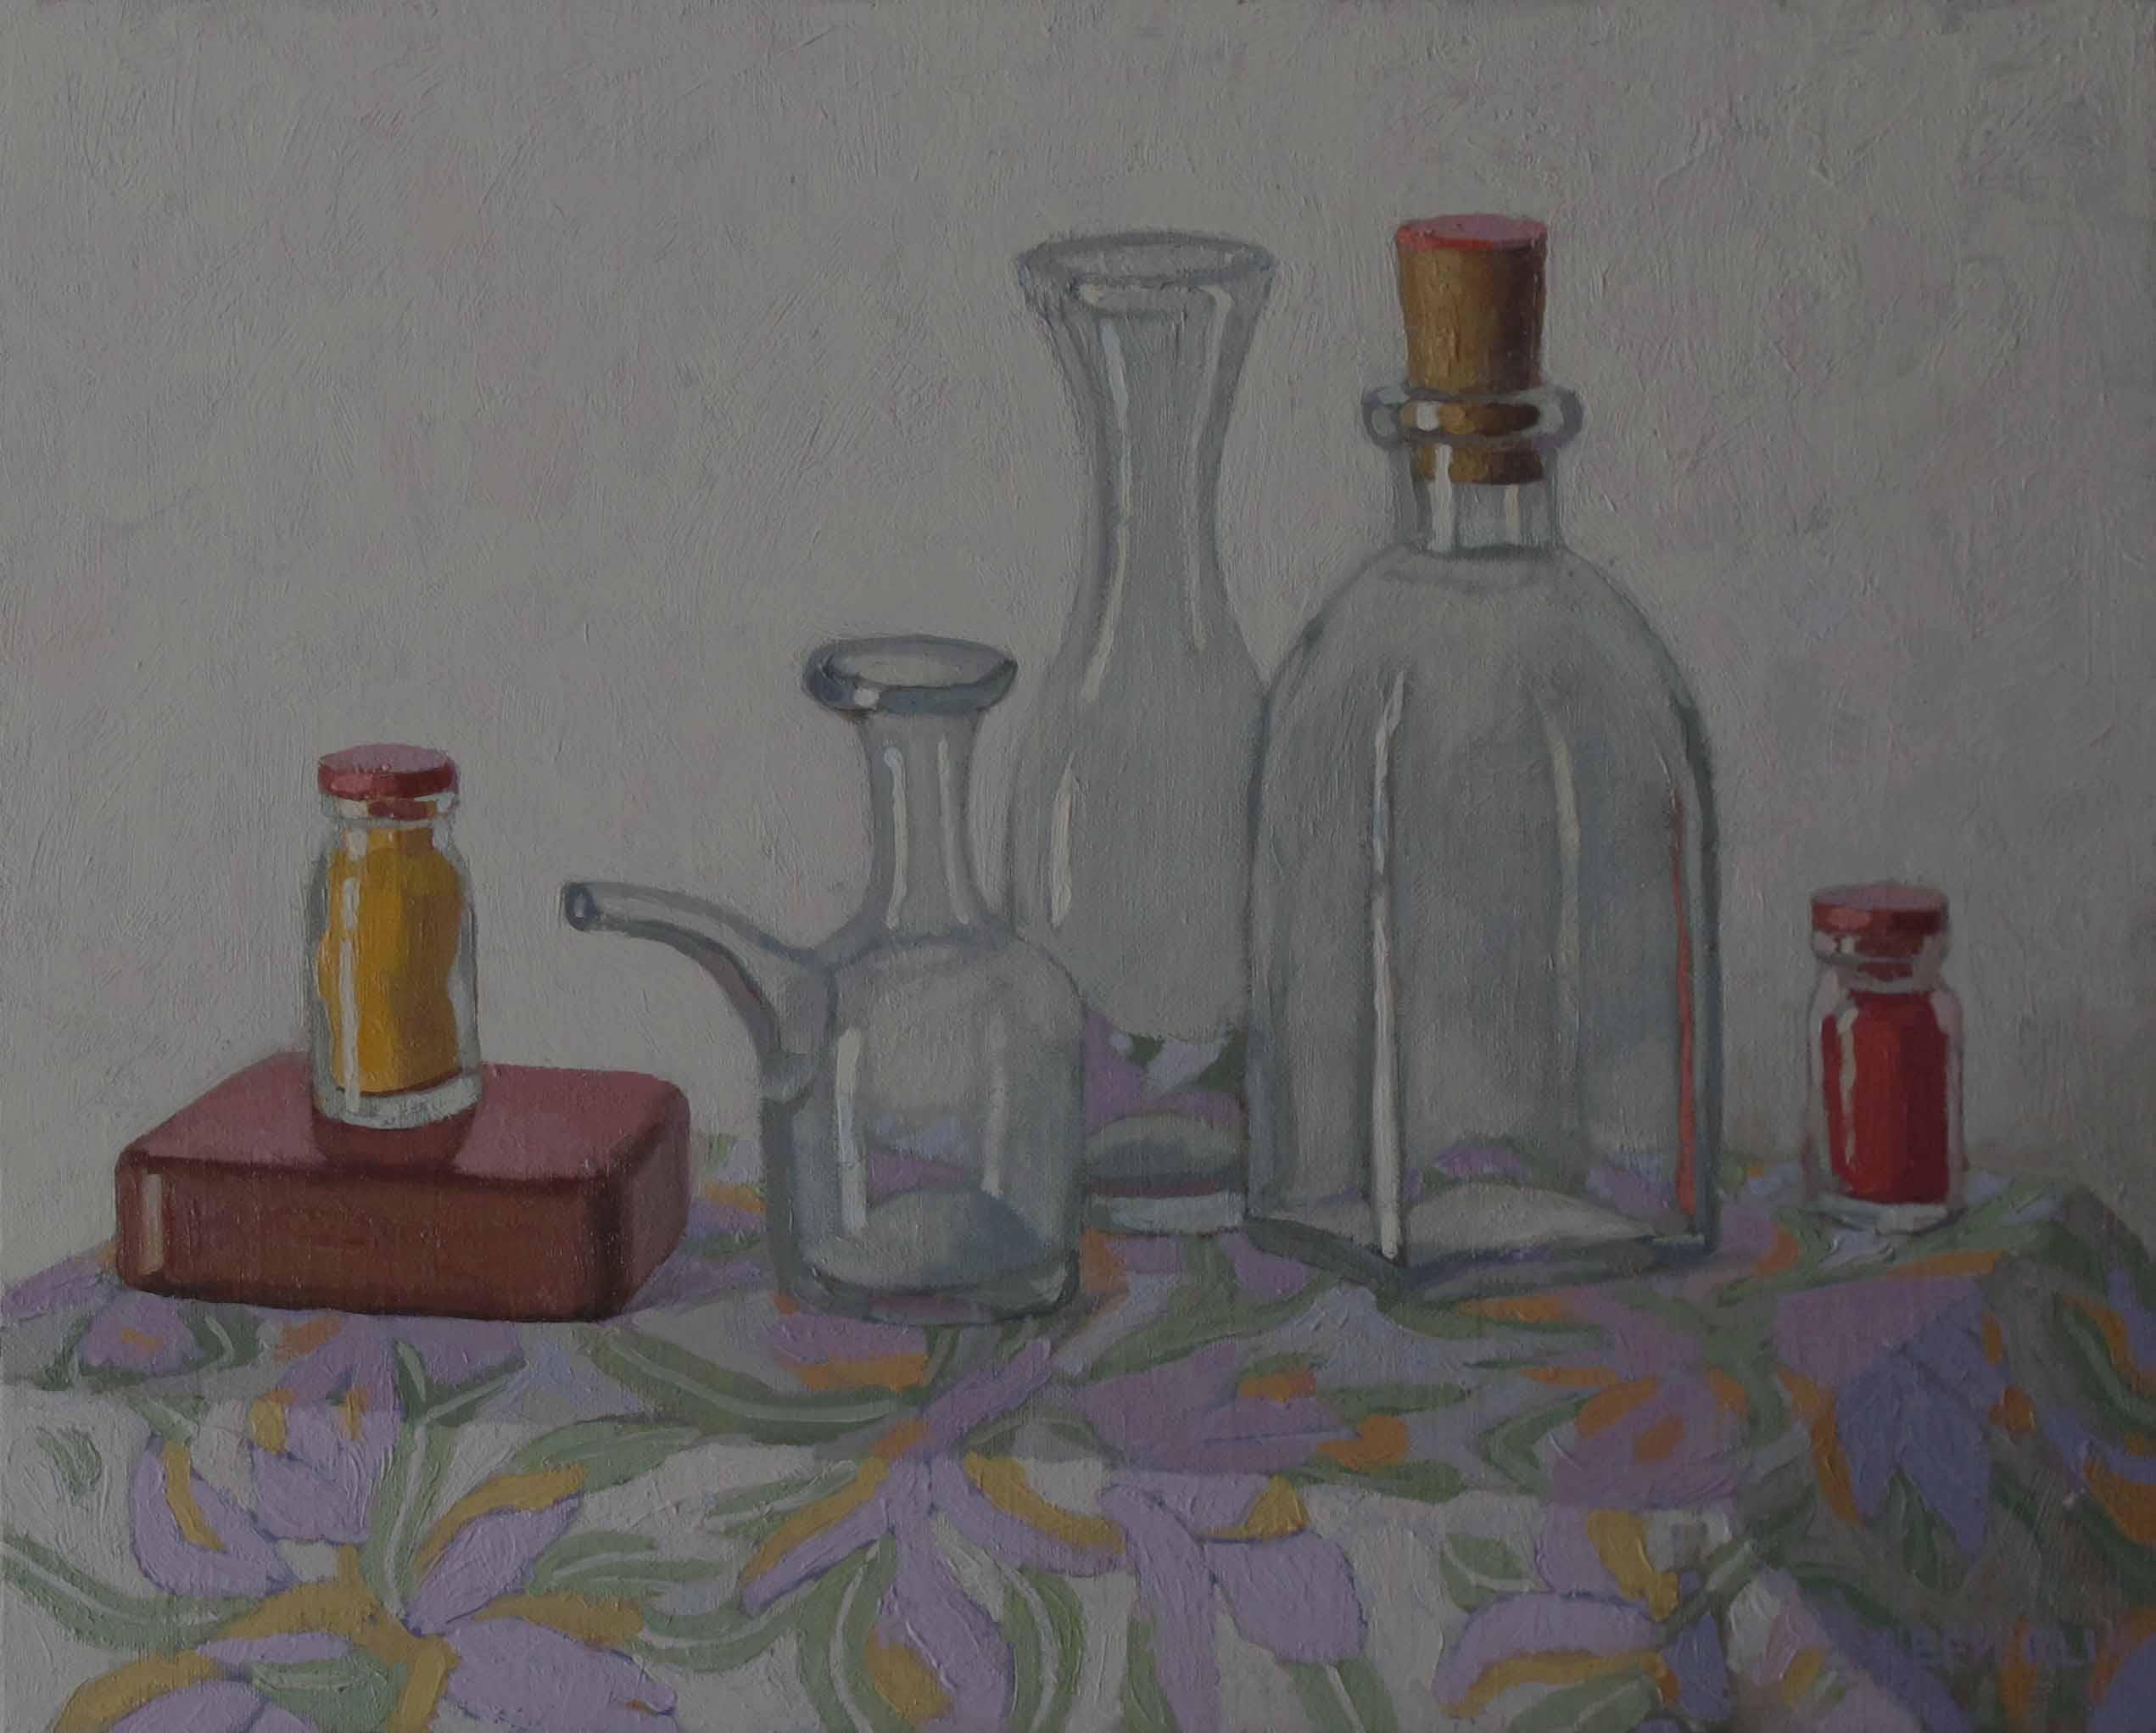 Spanish Glass by  Melissa Hefferlin - Masterpiece Online